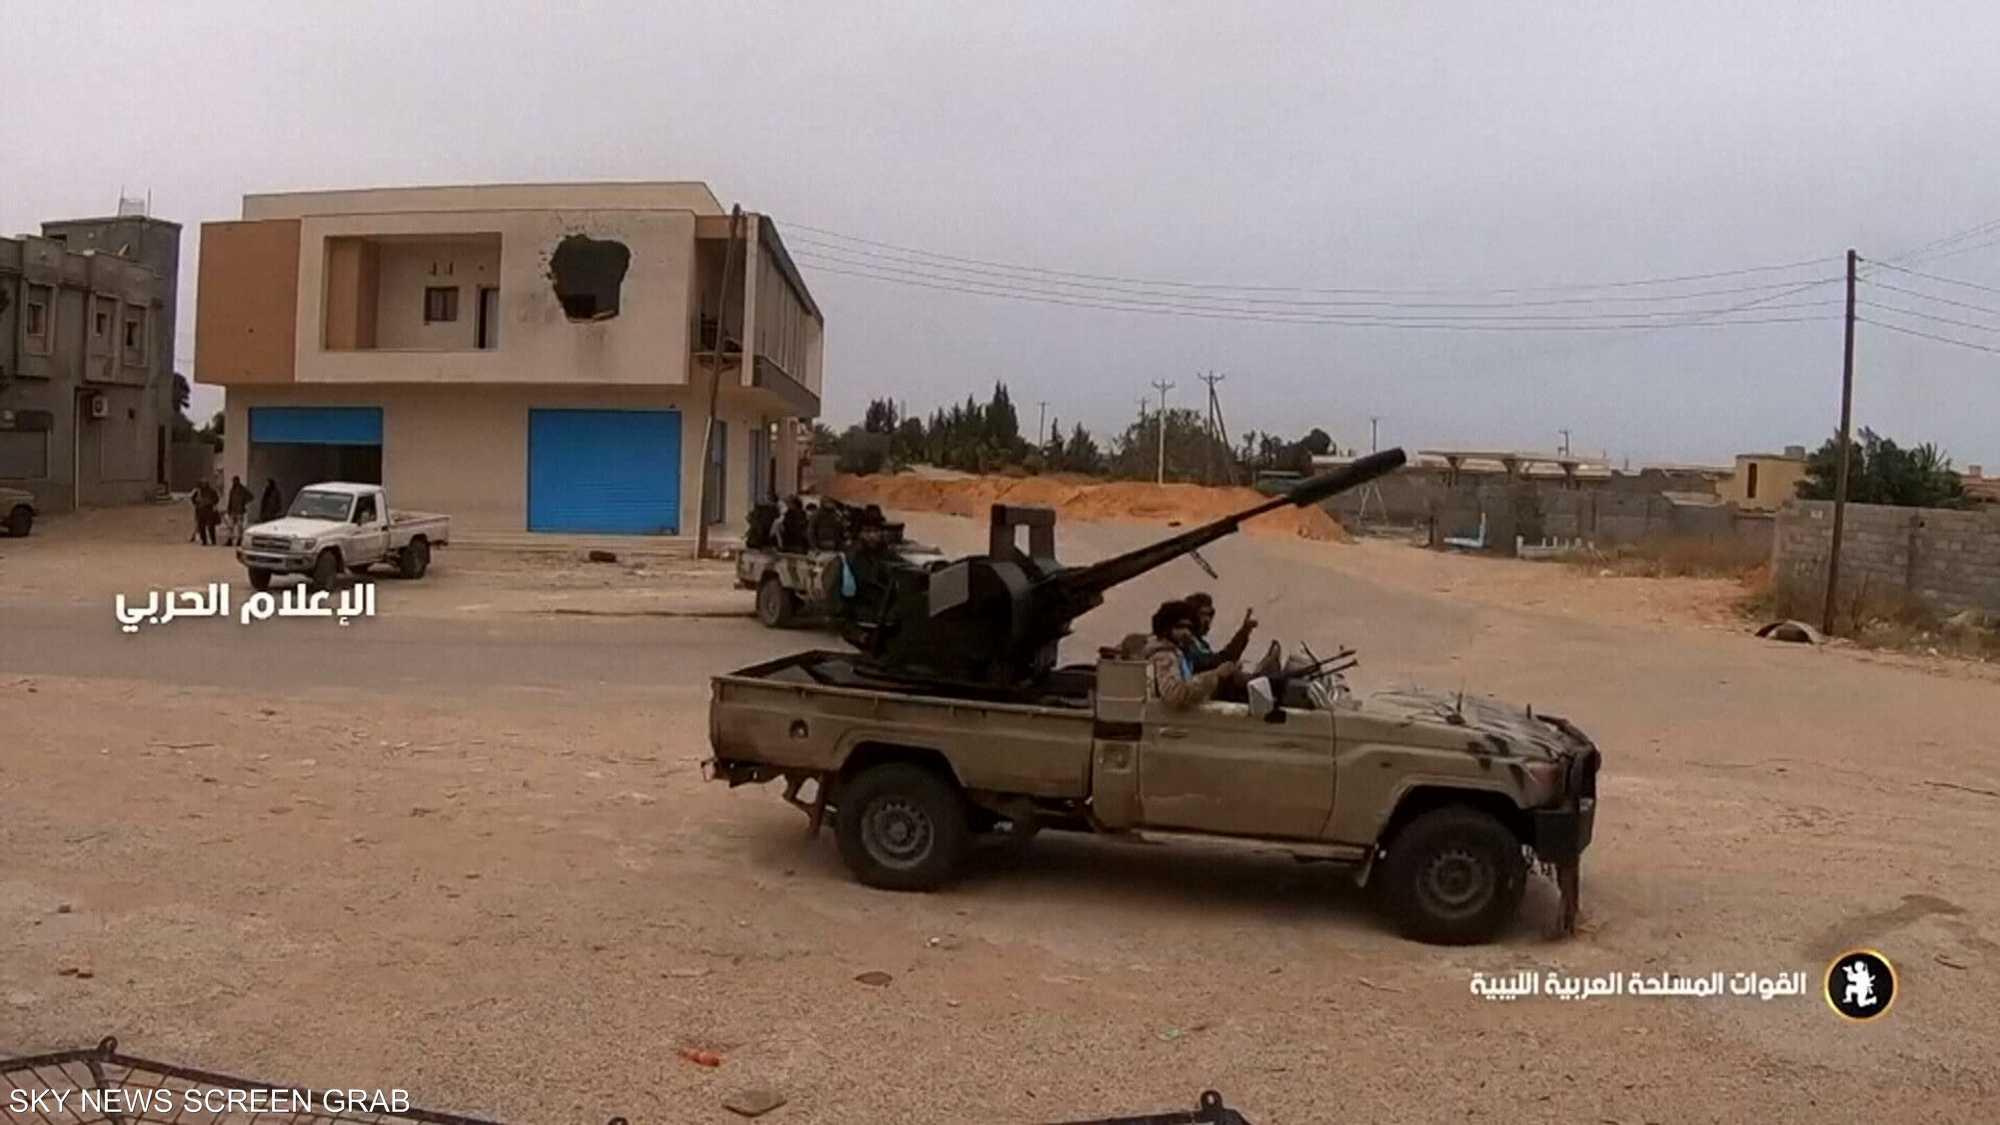 الجيش الليبي: معركة طرابلس في أمتارها الأخيرة